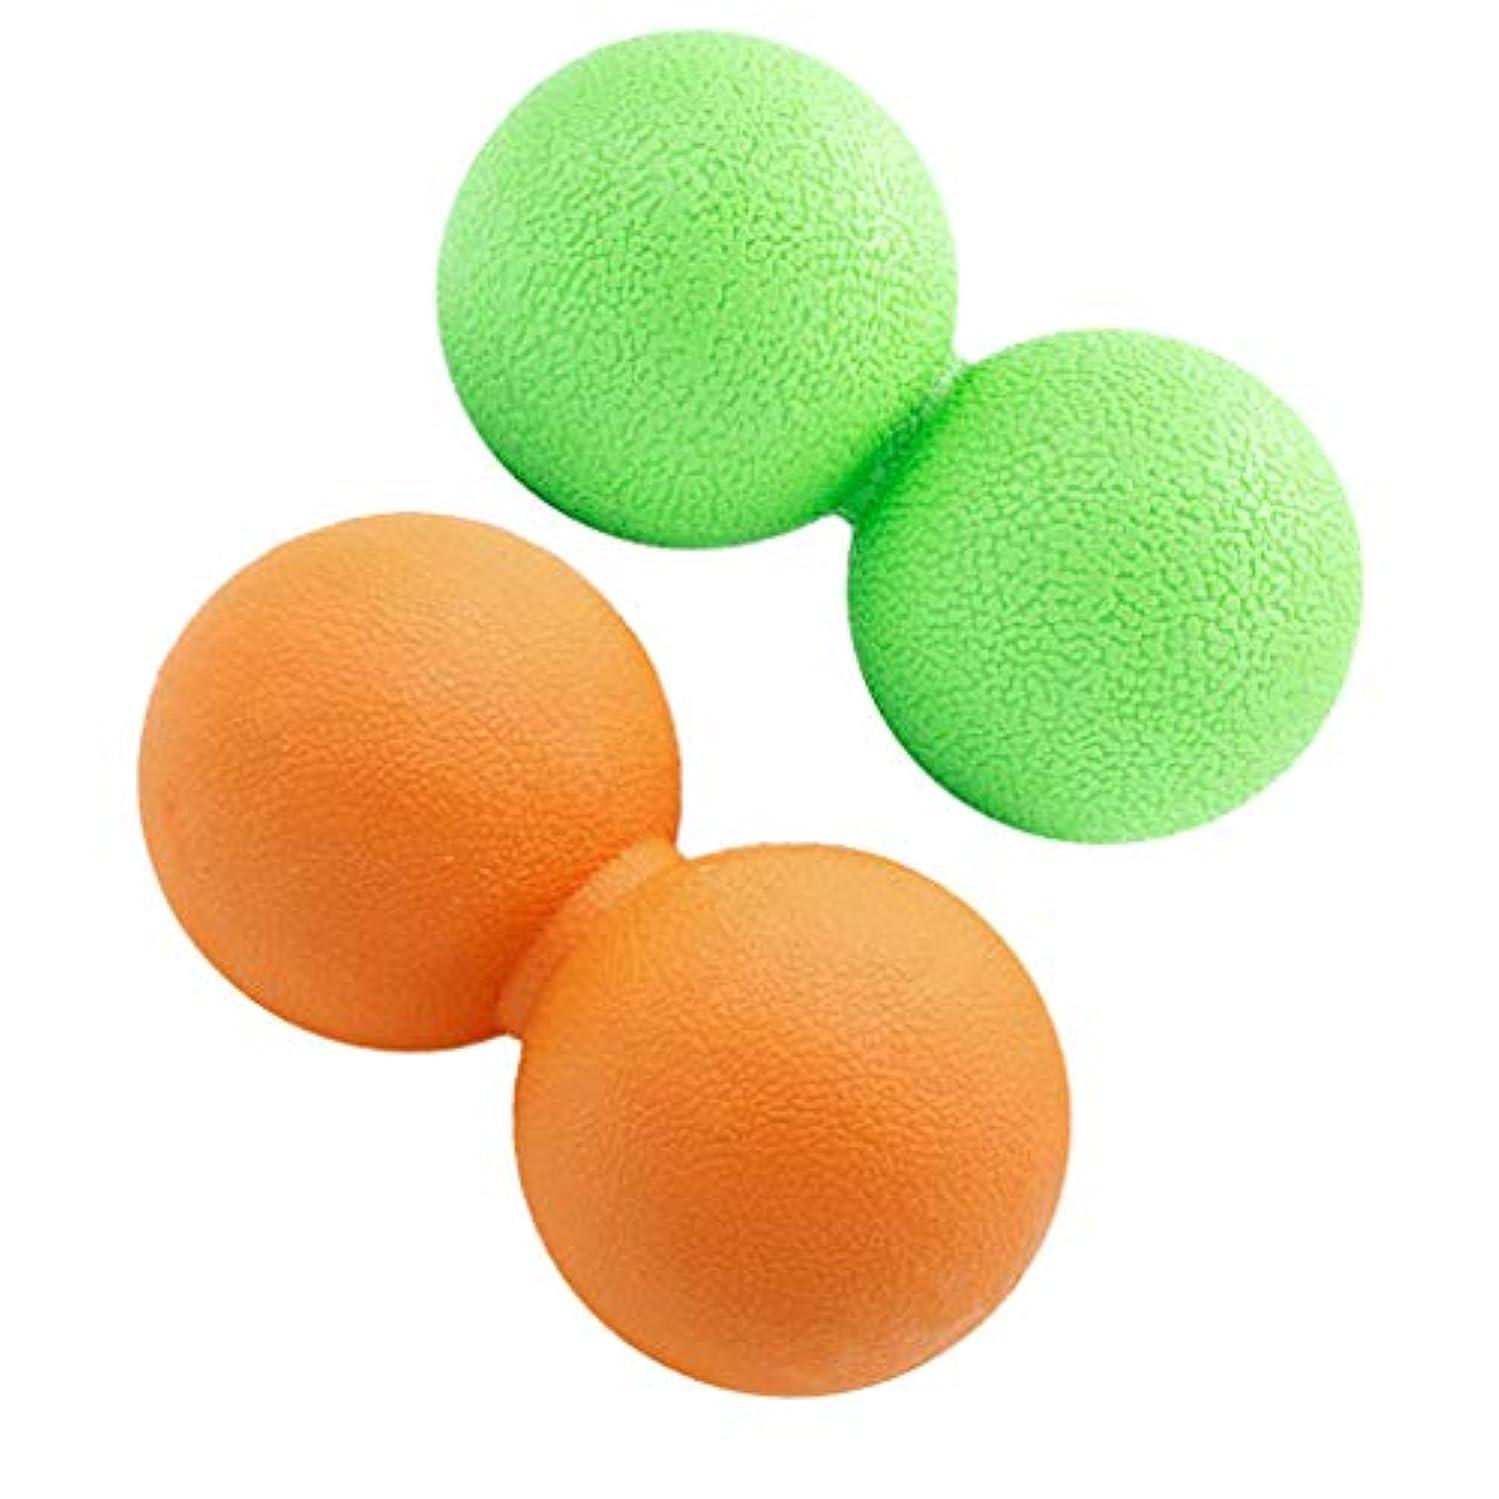 珍味誕生選ぶ2個 マッサージボール ピーナッツ 疲れ解消ボール トリガーポイント 筋膜リリース ツボ押しグッズ